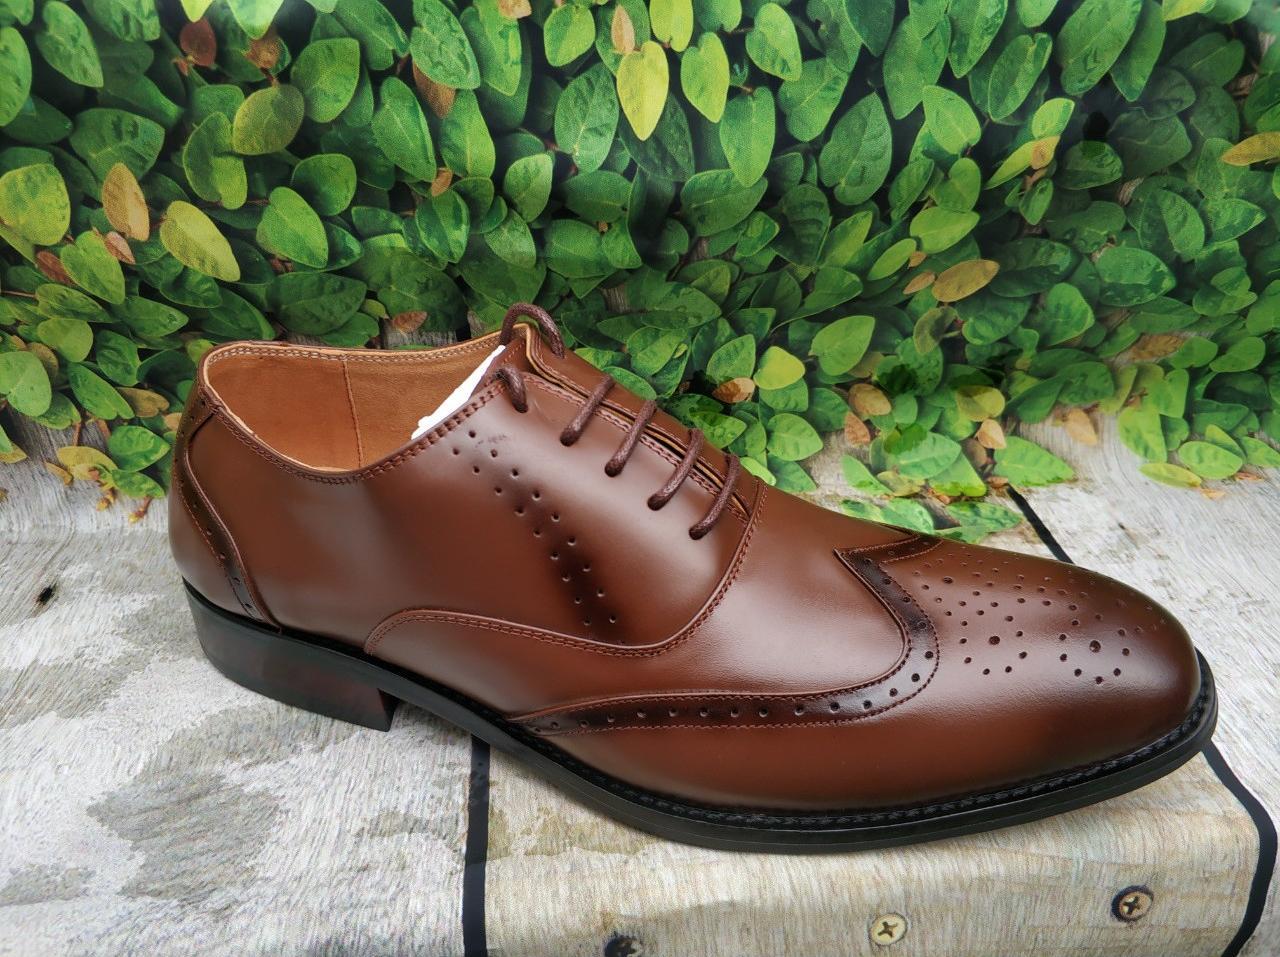 Giày da nam công sở sang trọng lịch lãm -gl51 - nâu nhạt - 39